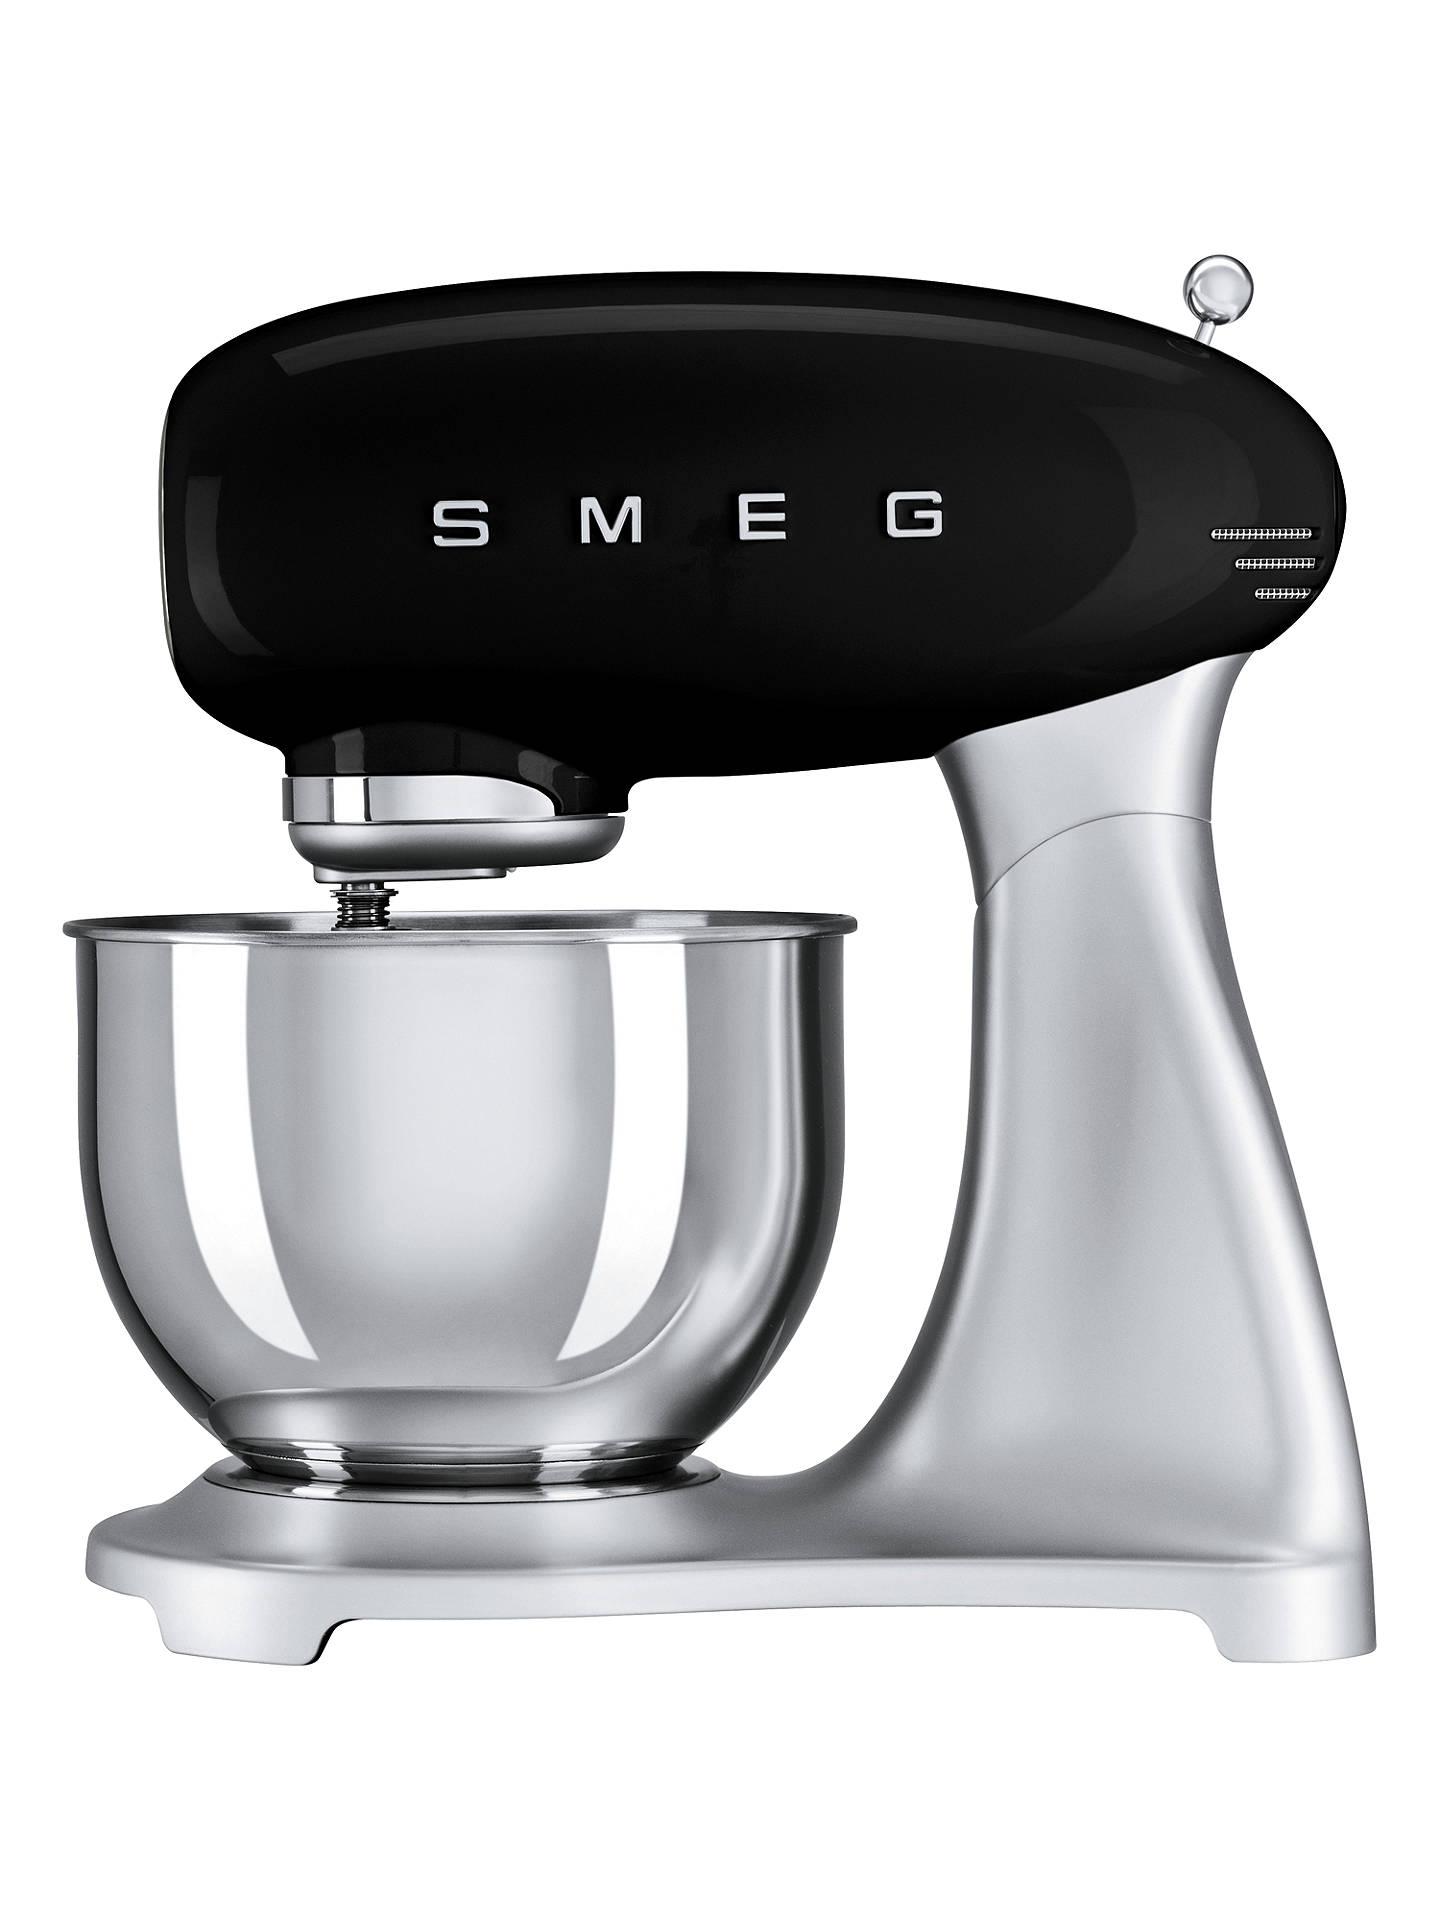 Smeg SMF01 Stand Mixer Black £249 @ John Lewis & Partners